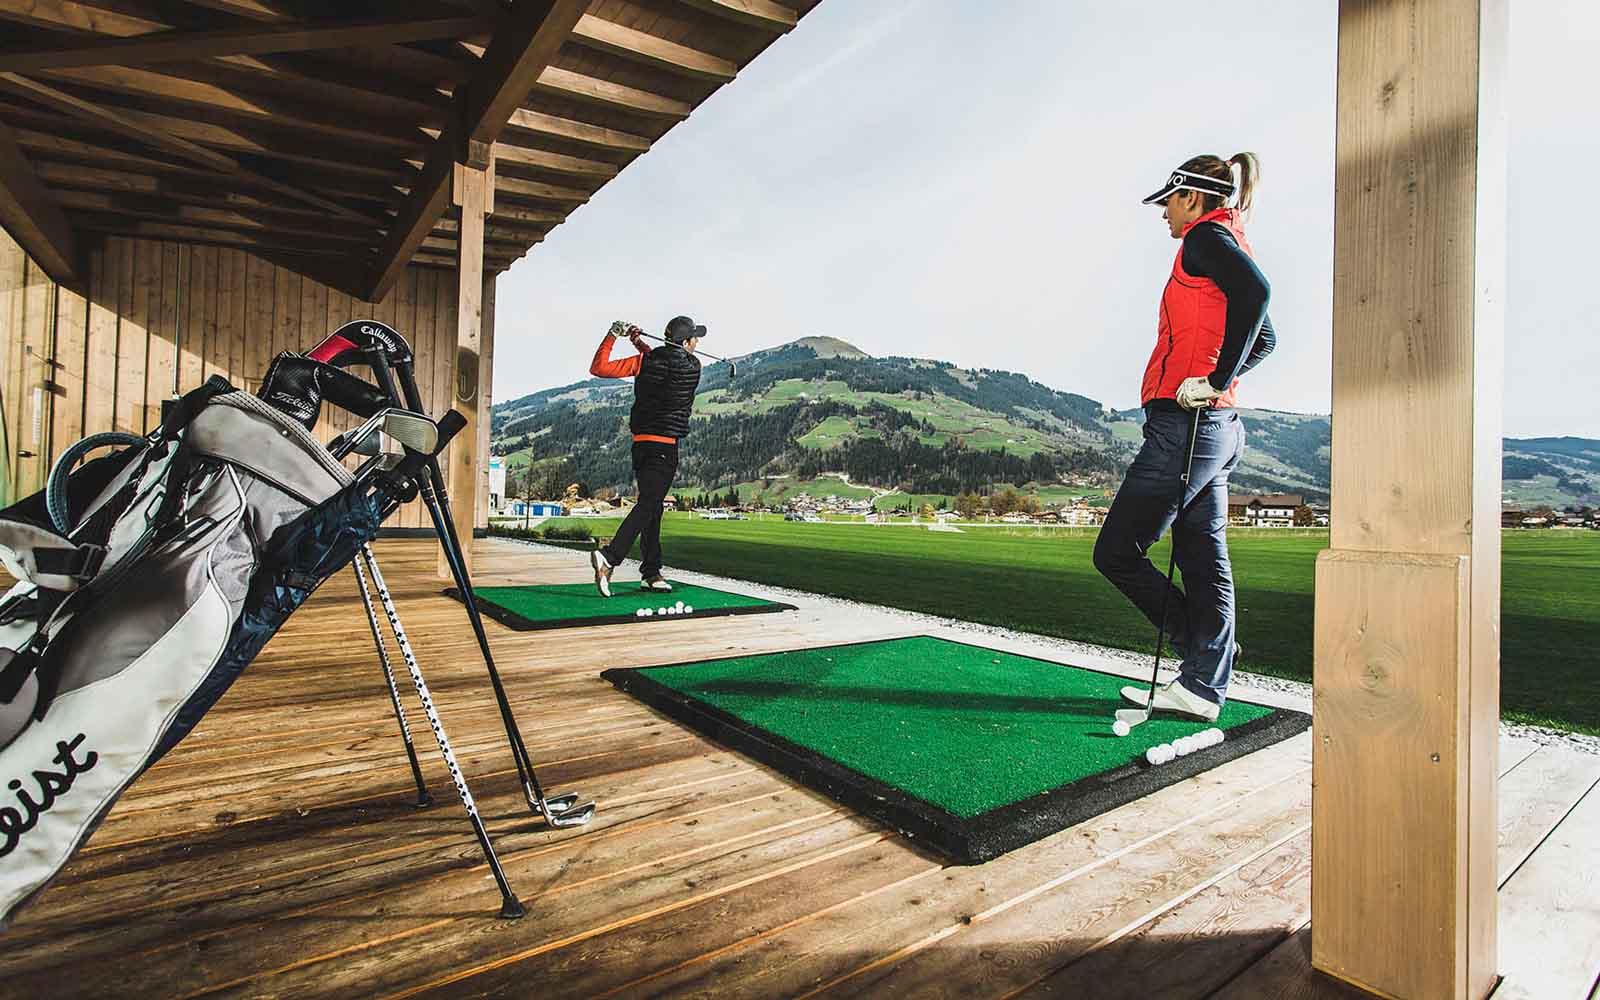 Play better golf @ Relais & Châteaux Rosengarten